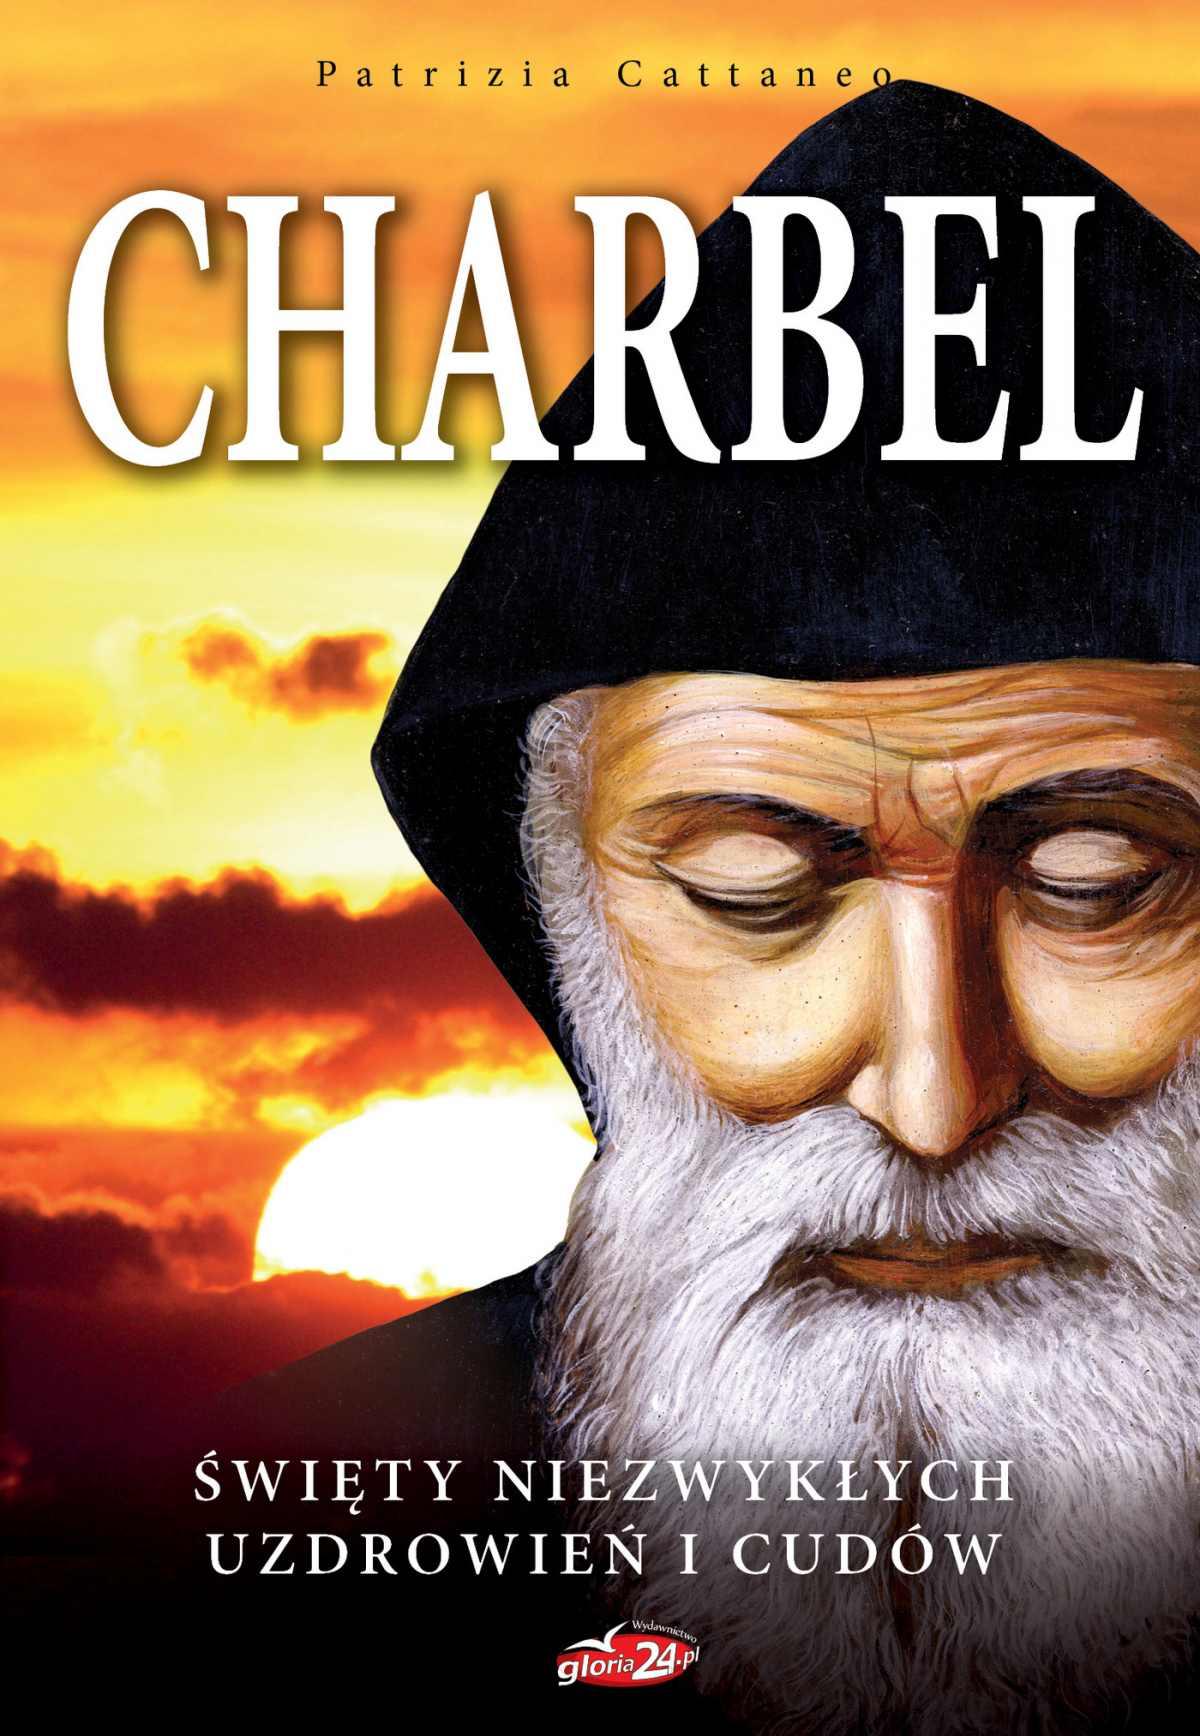 Charbel. Święty niezwykłych uzdrowień i cudów - Ebook (Książka EPUB) do pobrania w formacie EPUB